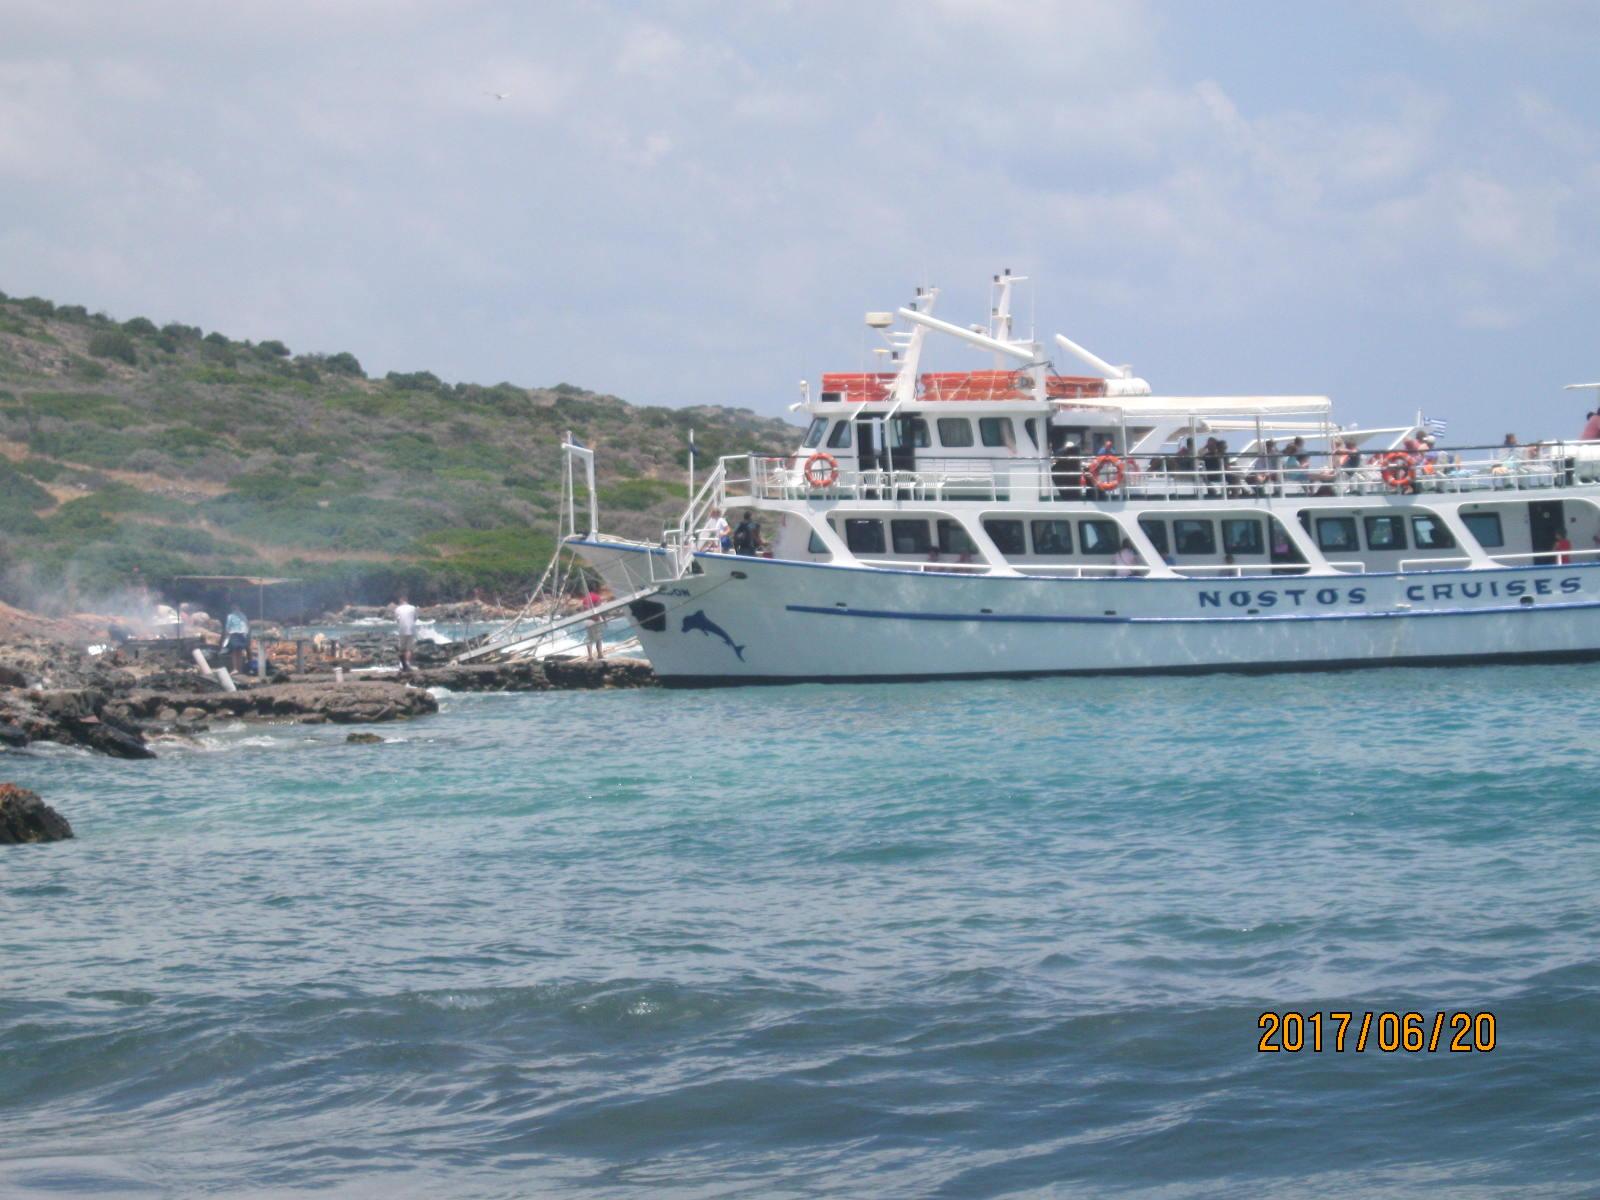 .... míg a matrózok az ebédünket sütögették a hajó melletti partszakaszon